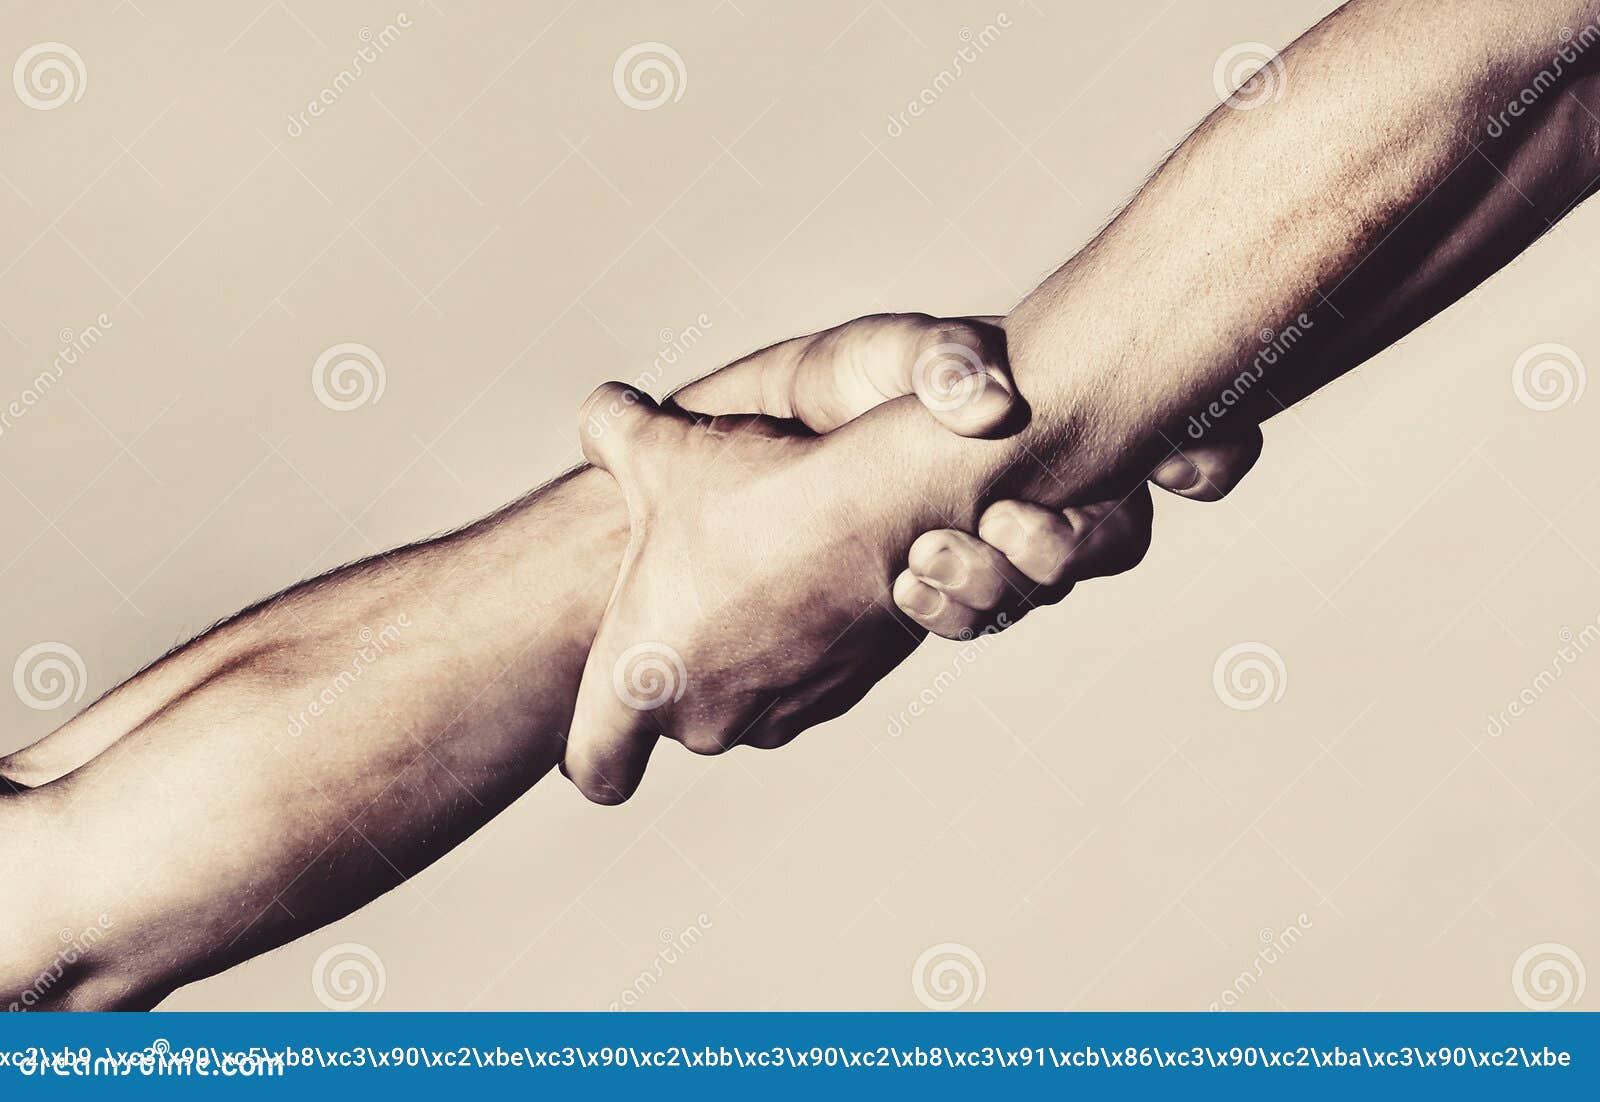 Δύο χέρια, χέρι βοηθείας ενός φίλου Χειραψία, όπλα, φιλία Φιλική χειραψία, φίλοι που χαιρετά, ομαδική εργασία